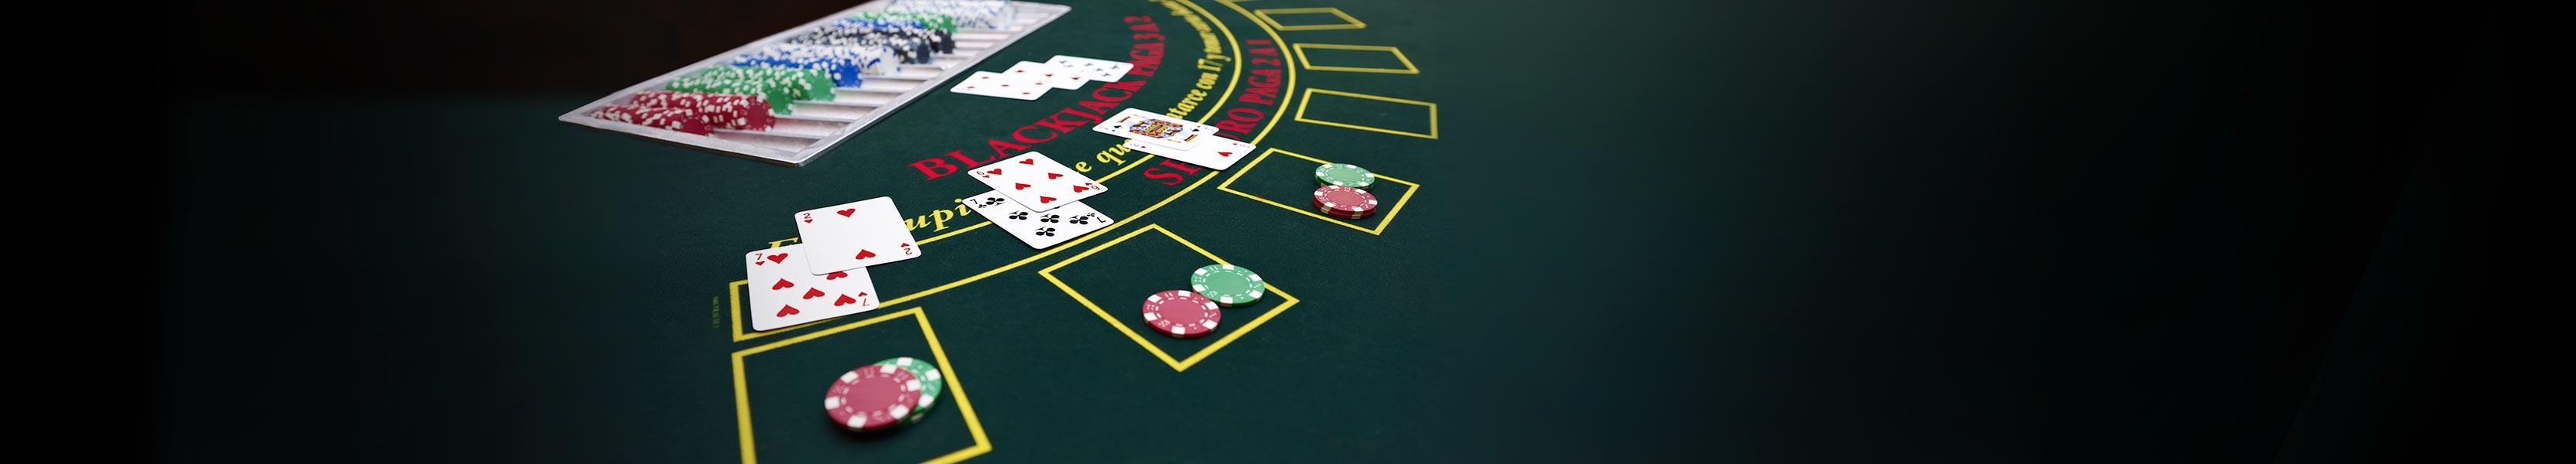 U pitanju je avanturistička single-player igra u koji igrači preuzimaju ulogu lopova s.